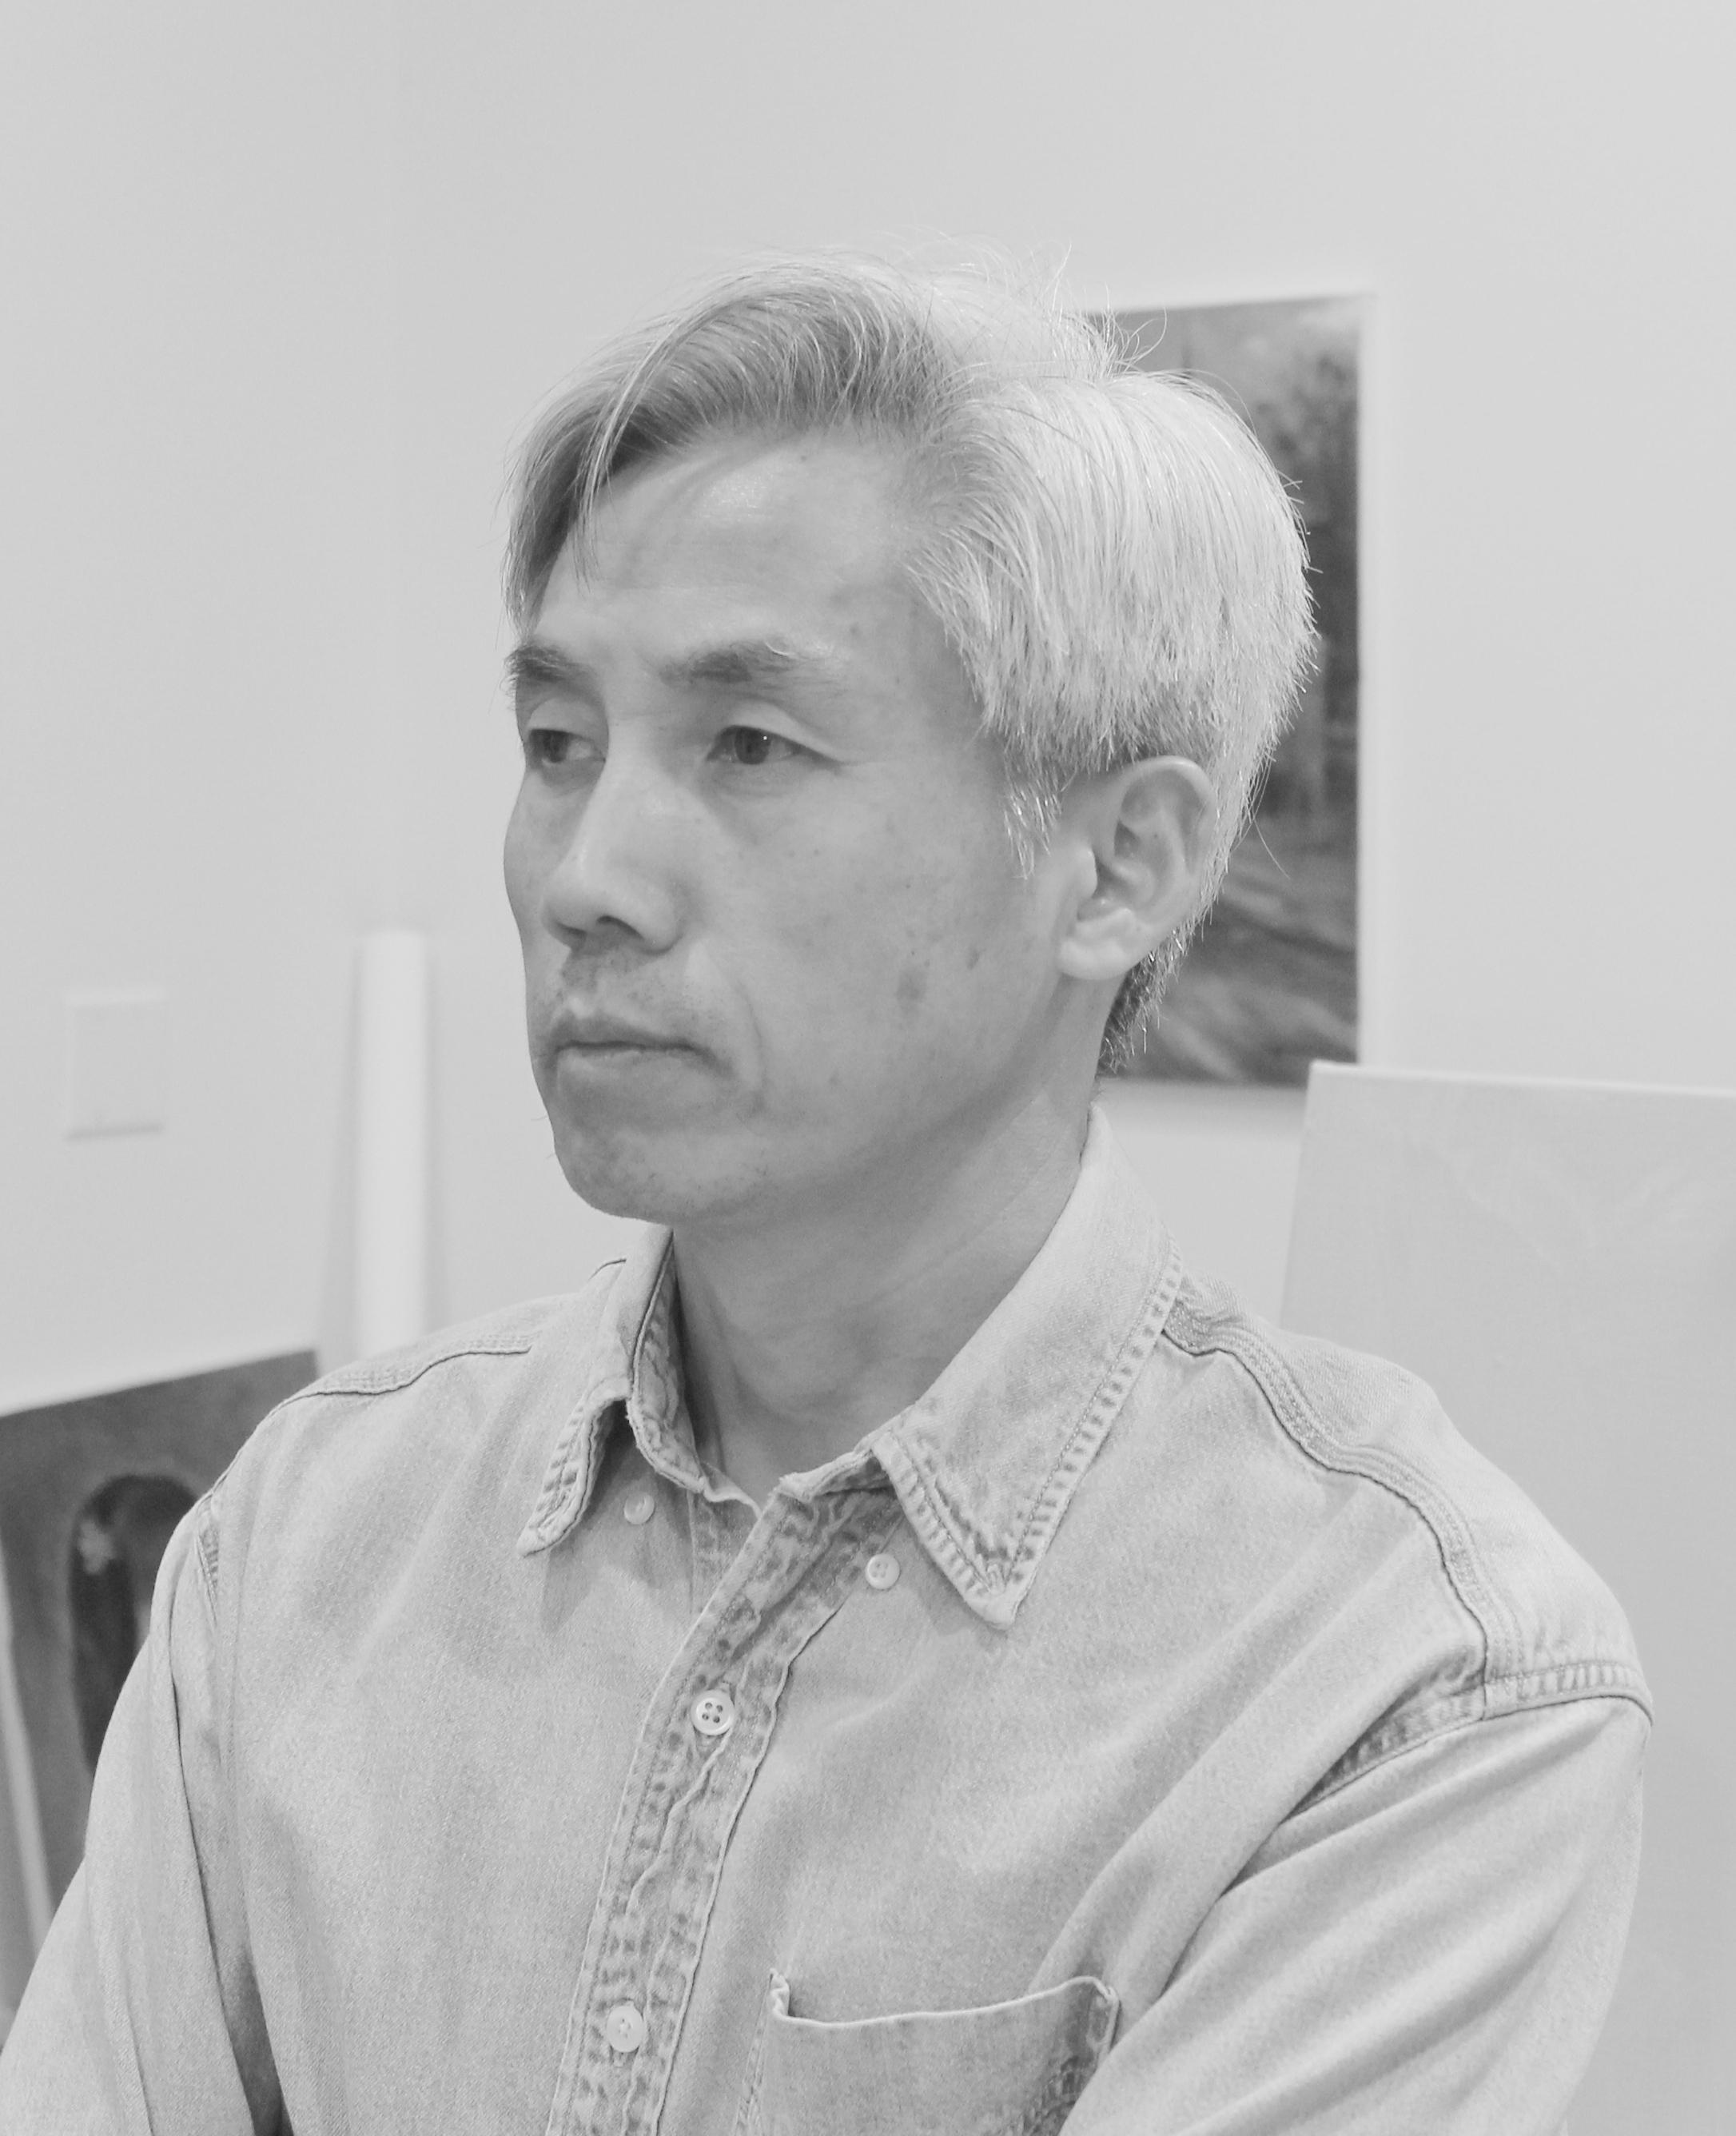 Chin H Shin